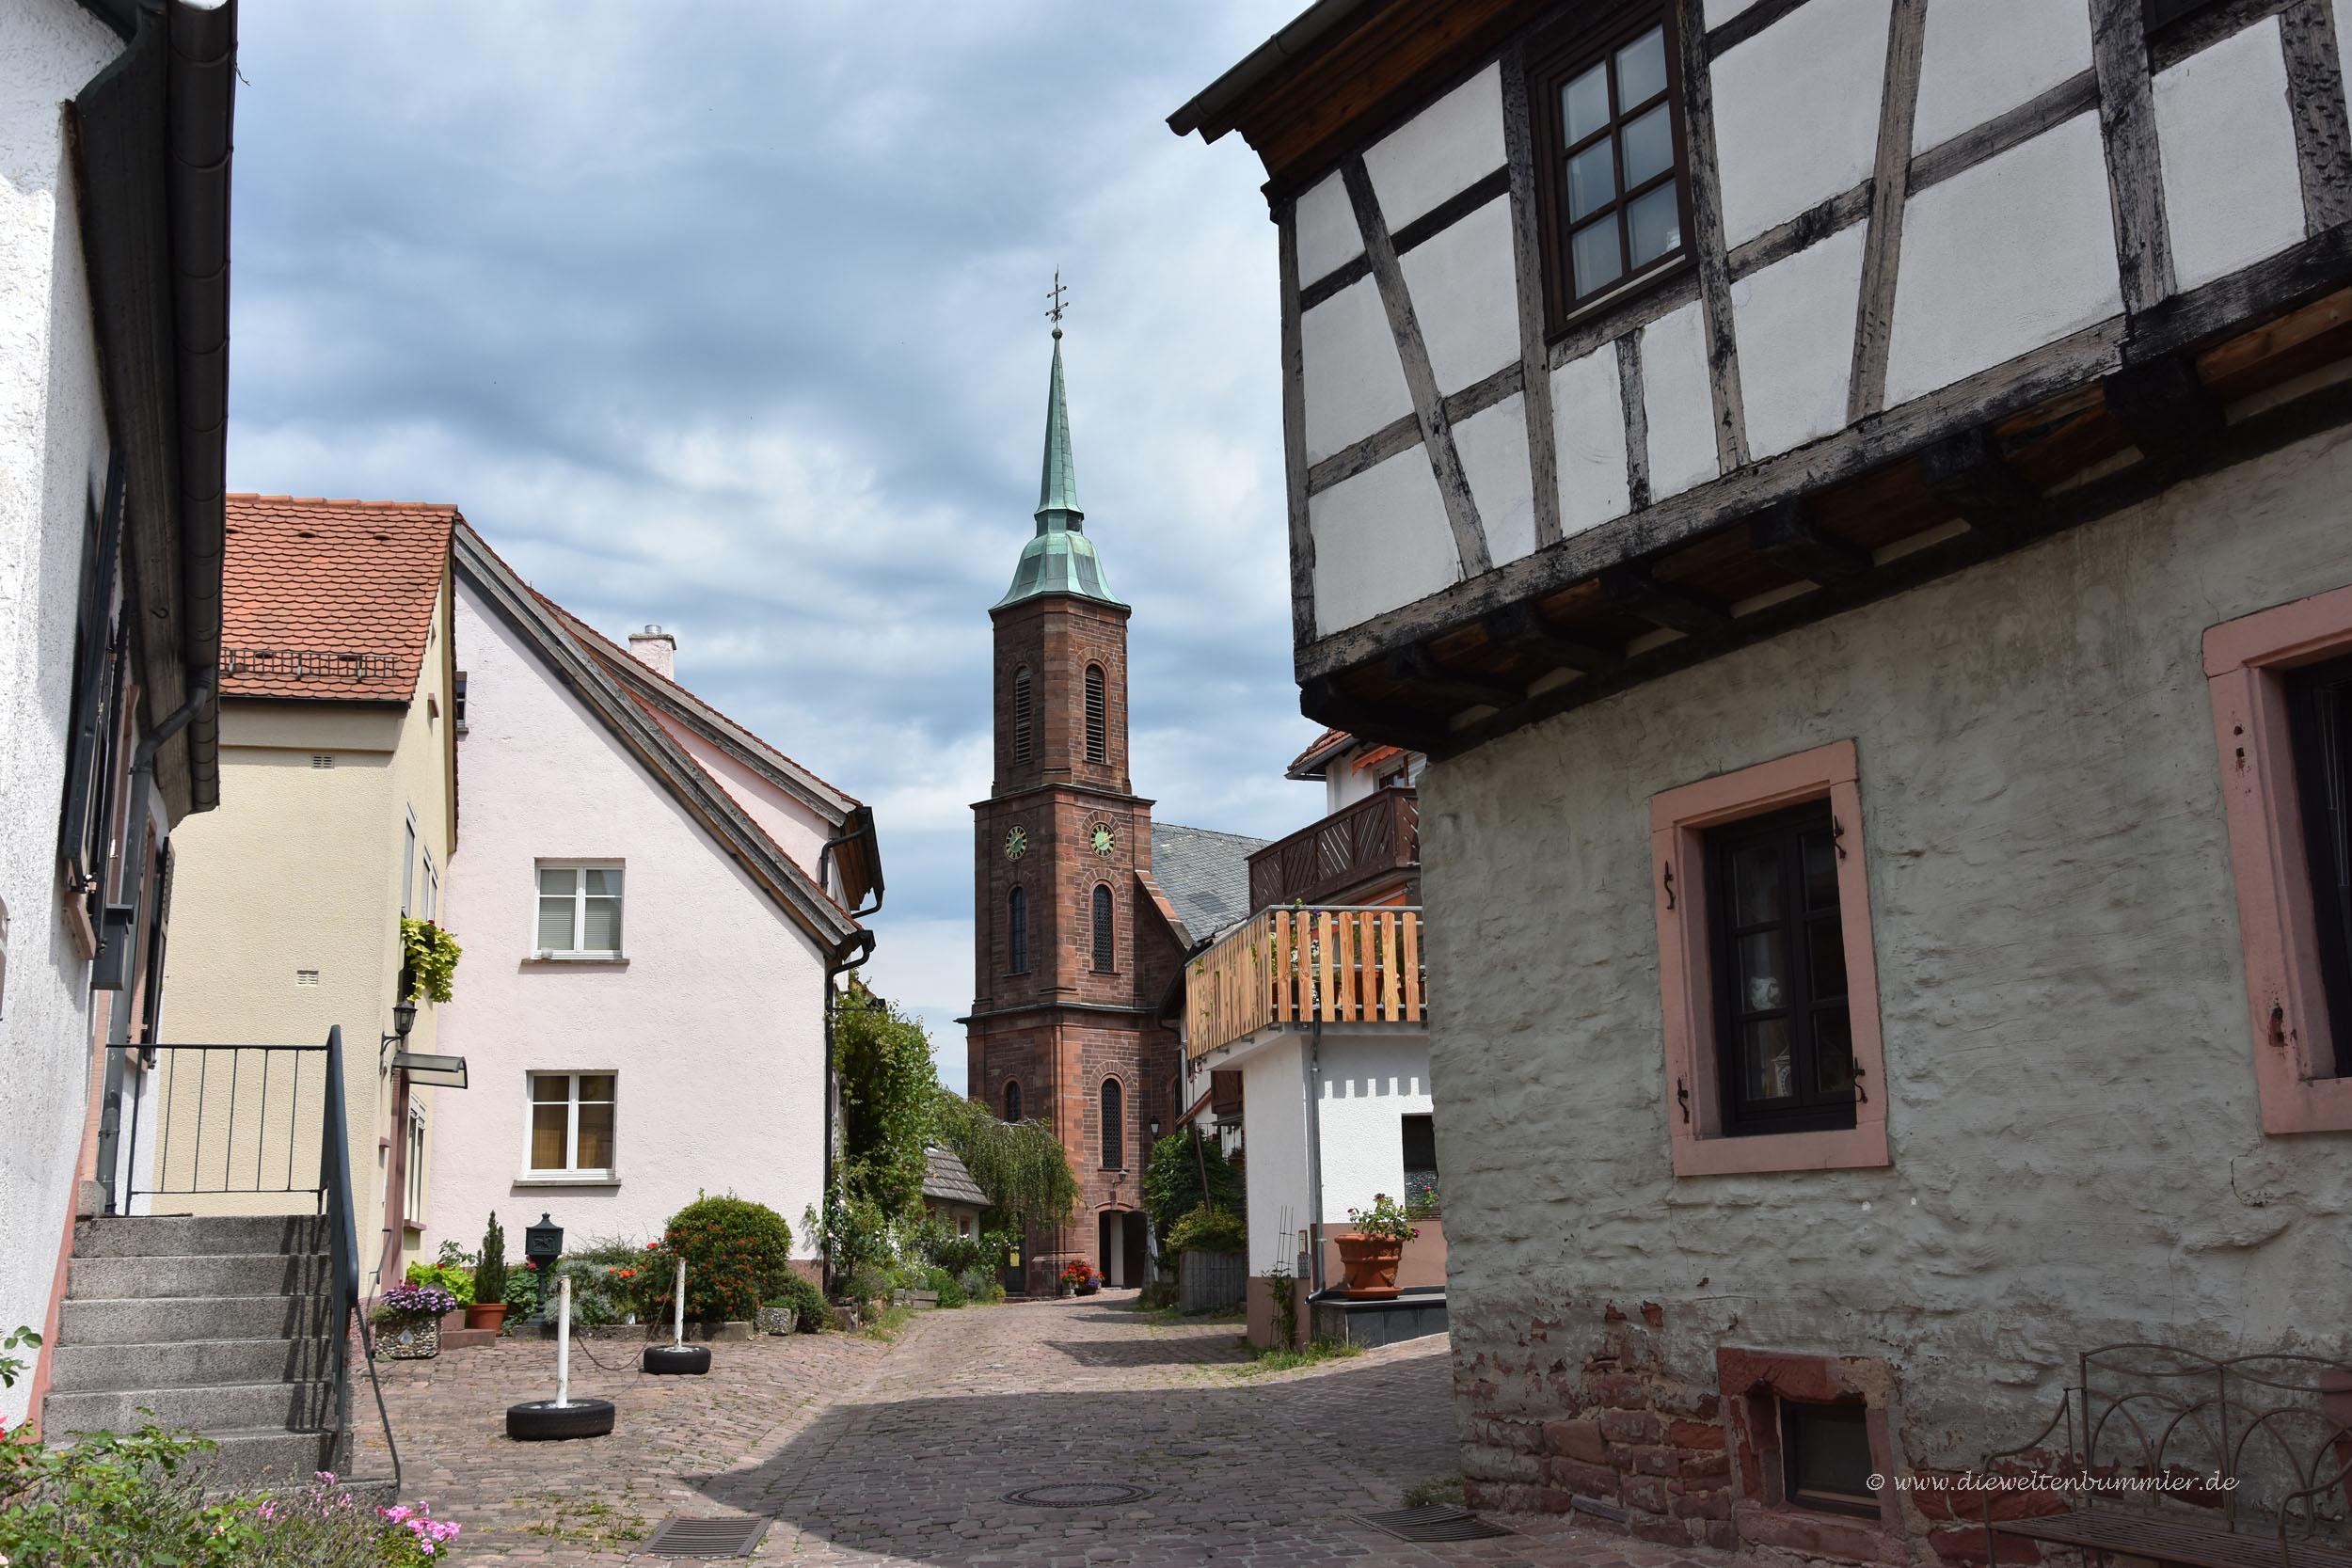 Altstadt von Dilsberg